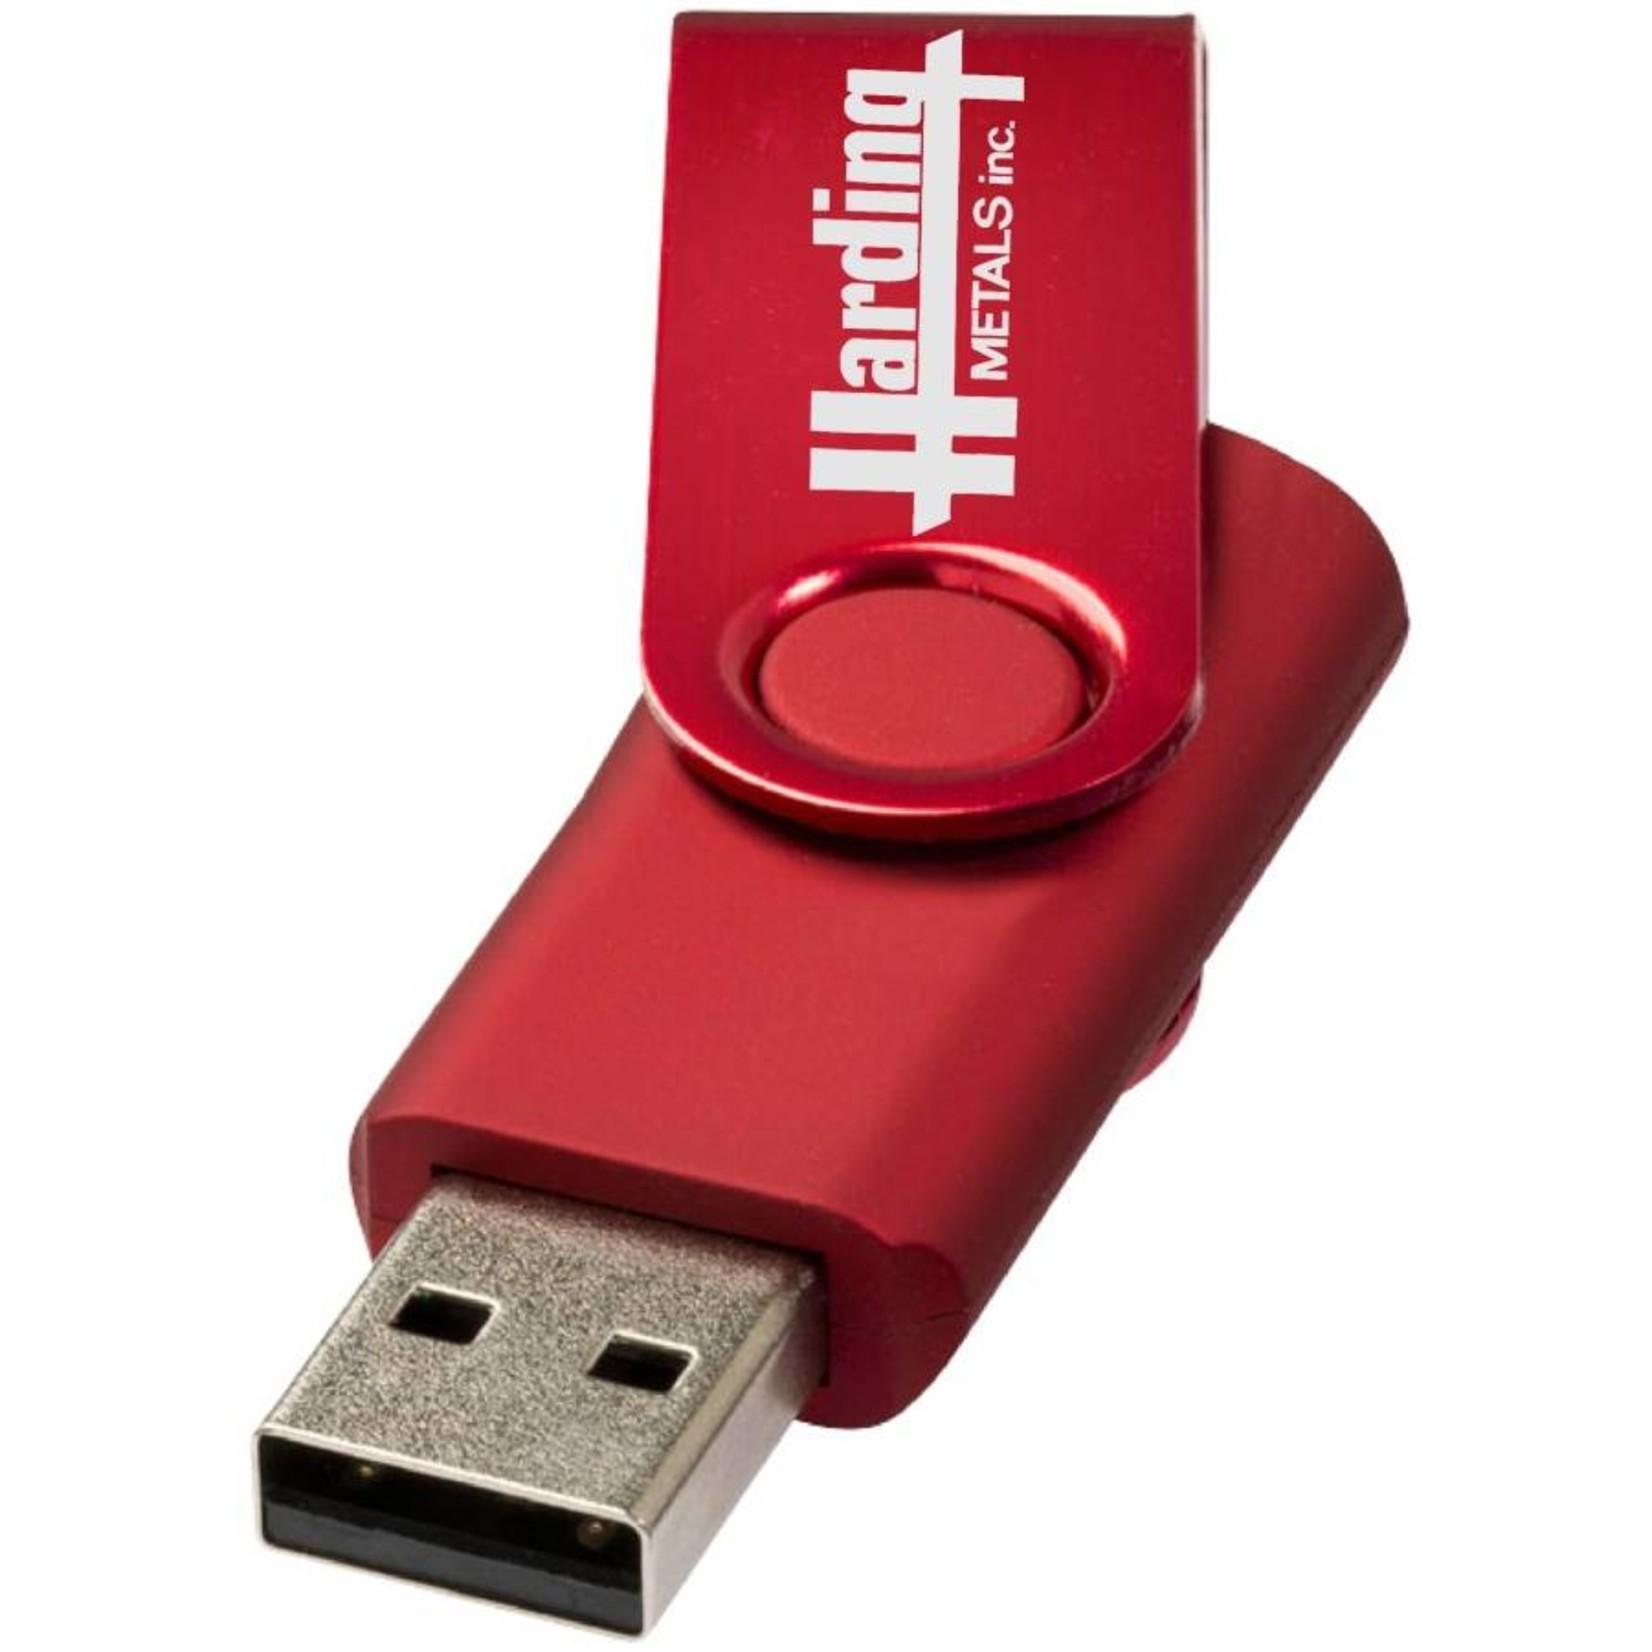 USB Stick Metallic 4GB